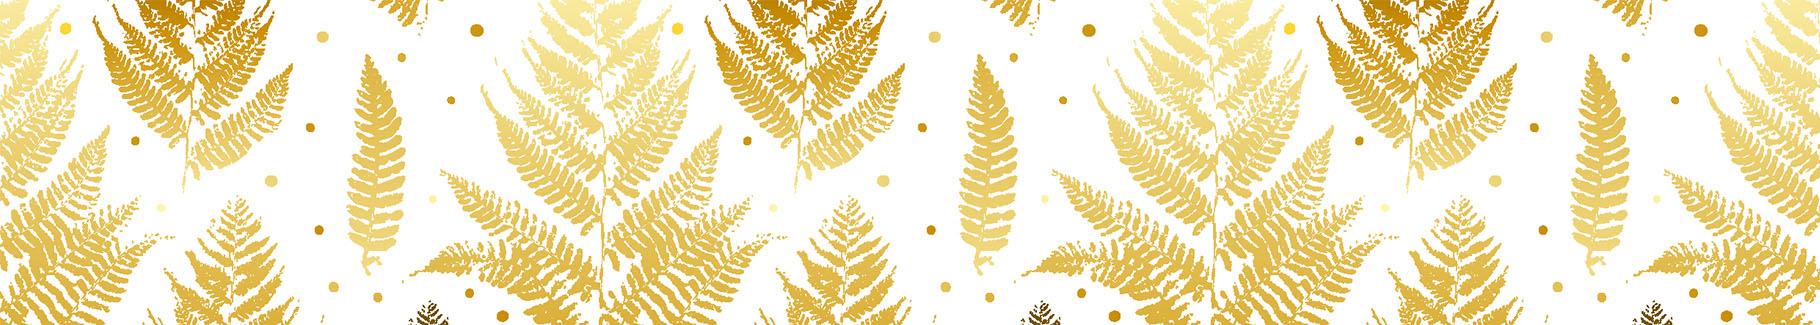 Fototapeta złote liście paproci do łazienki